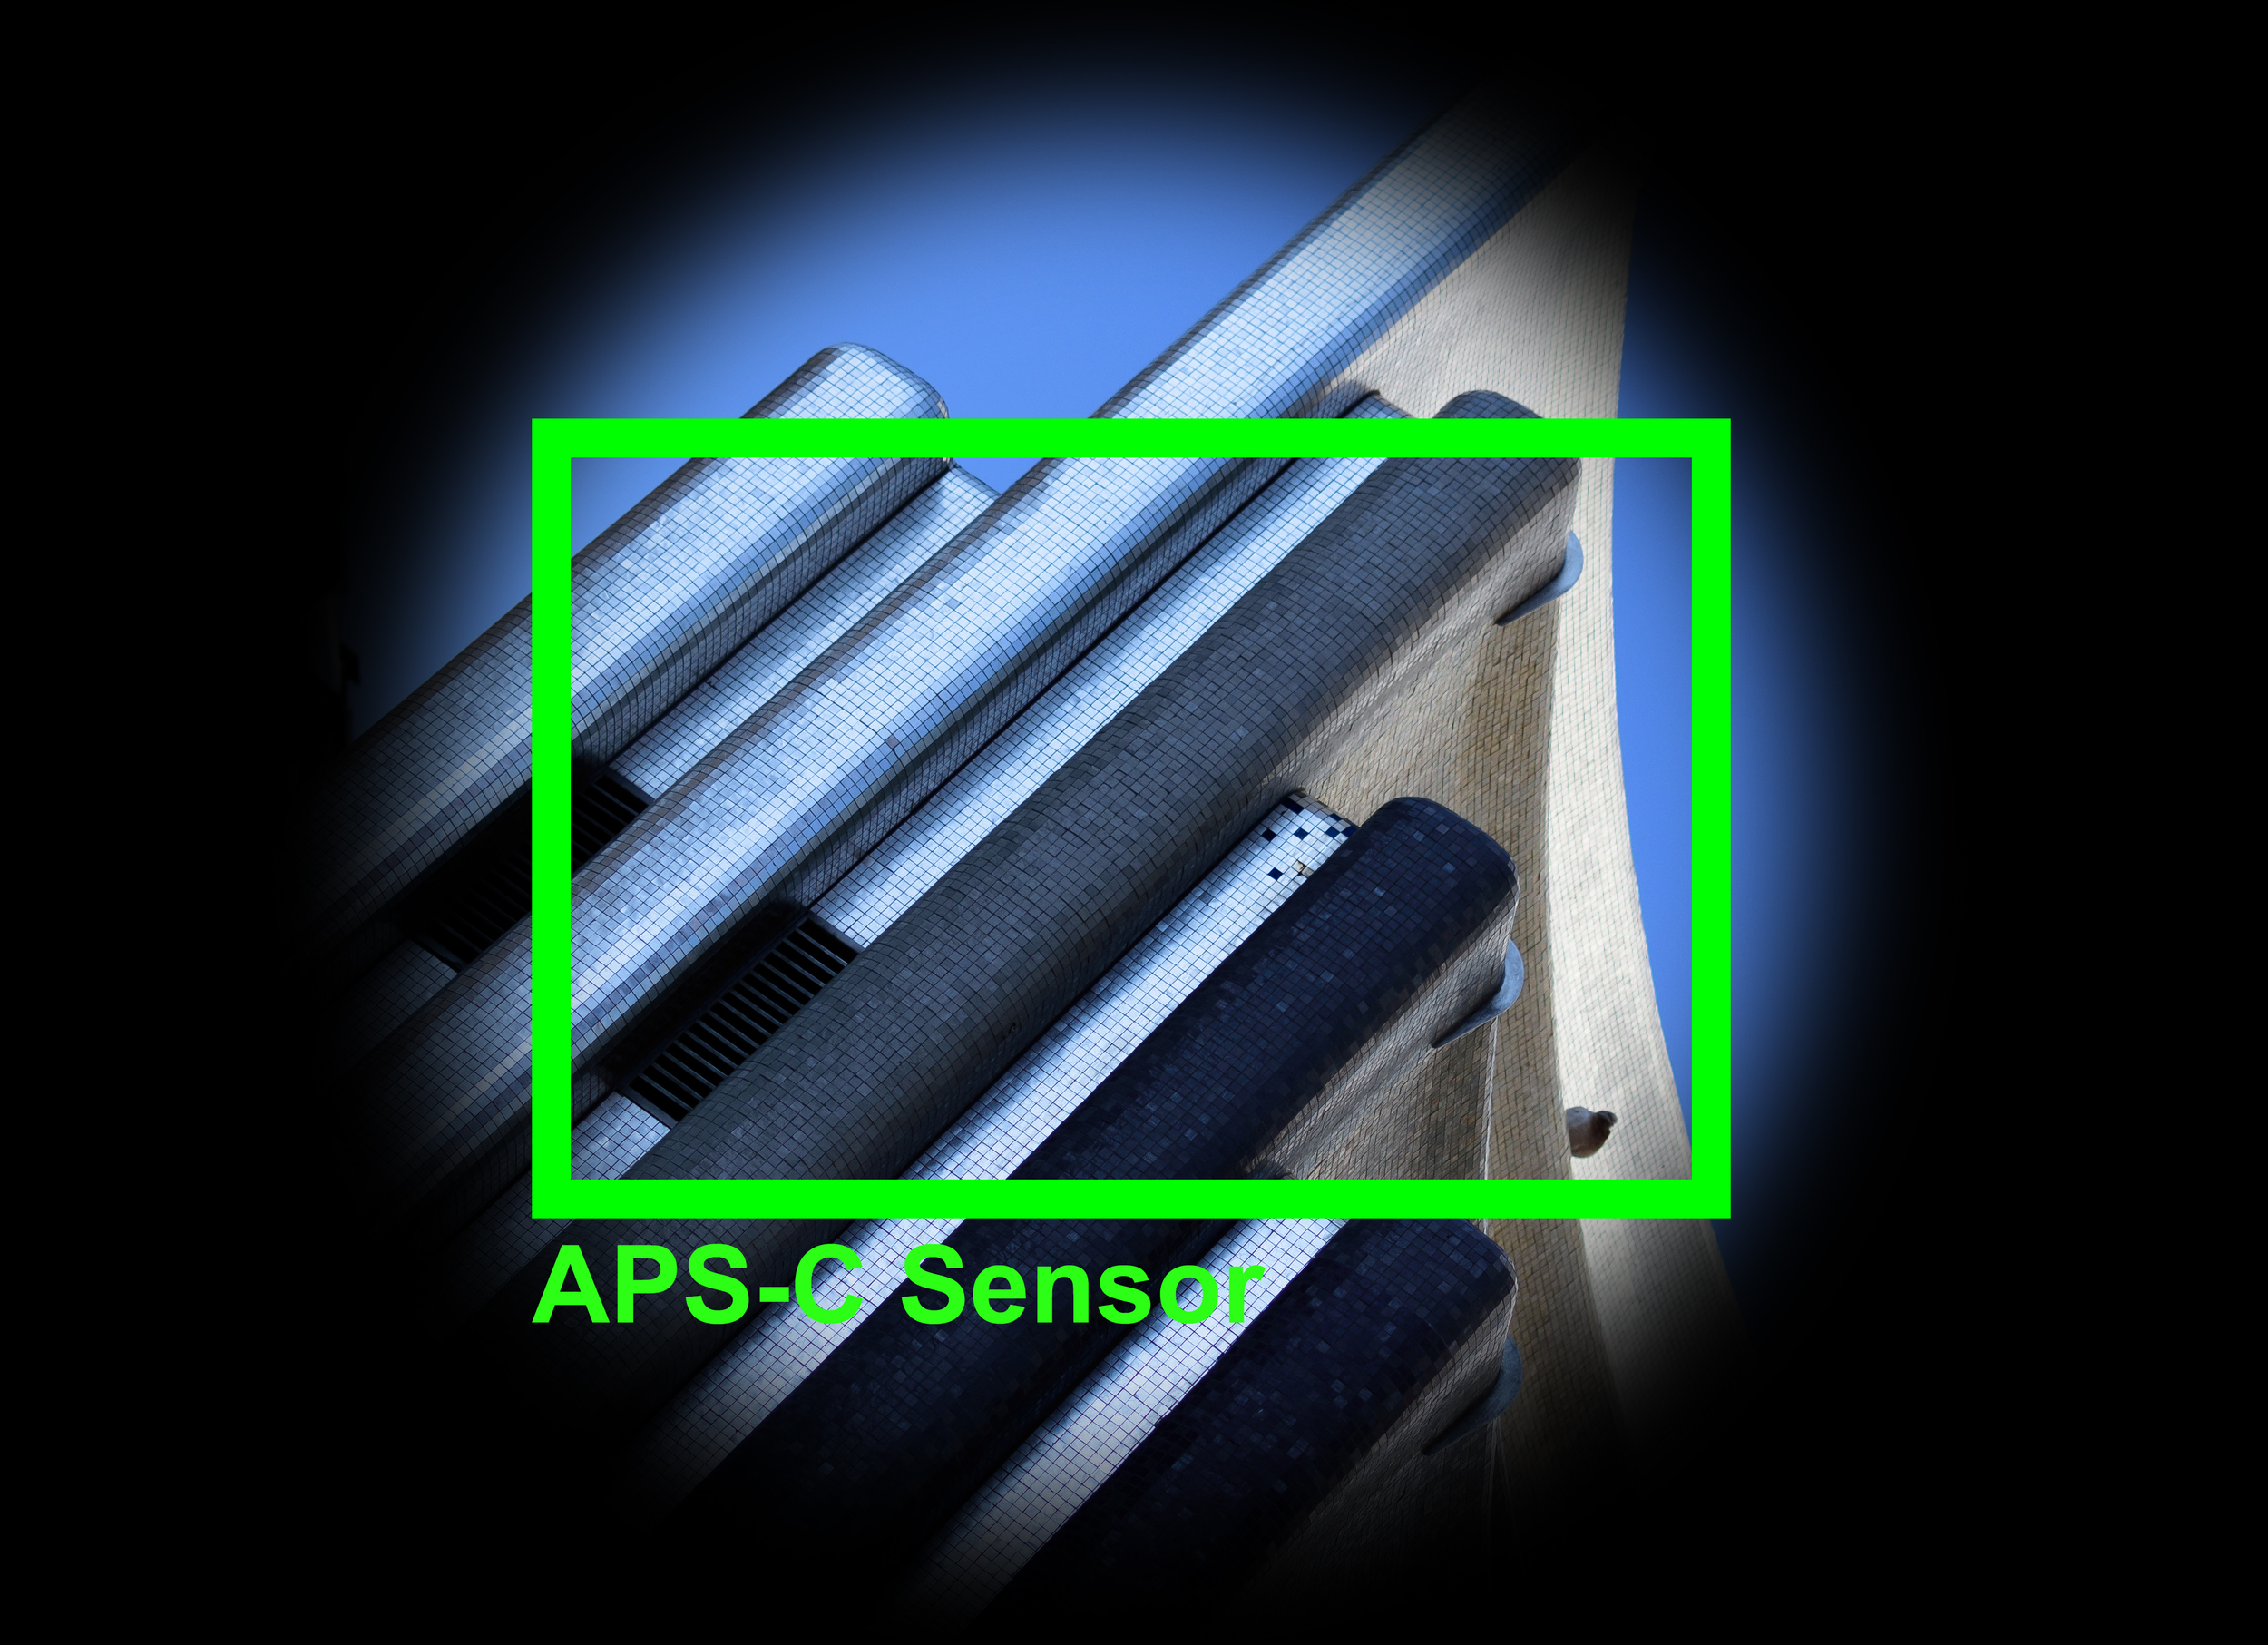 APS-C Format